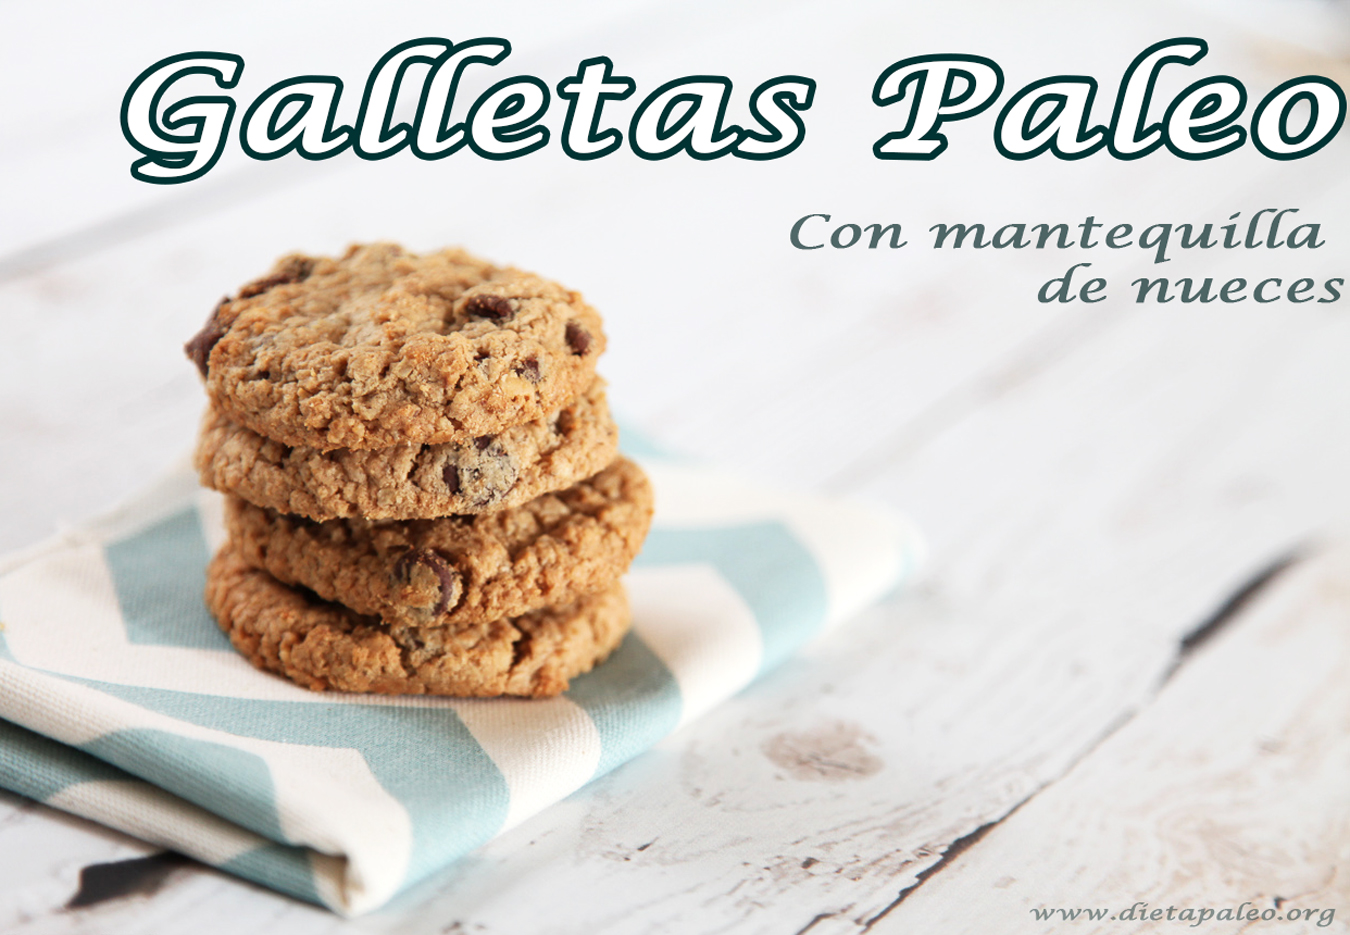 galletas-paleo-mantequilla-de-nueces-2